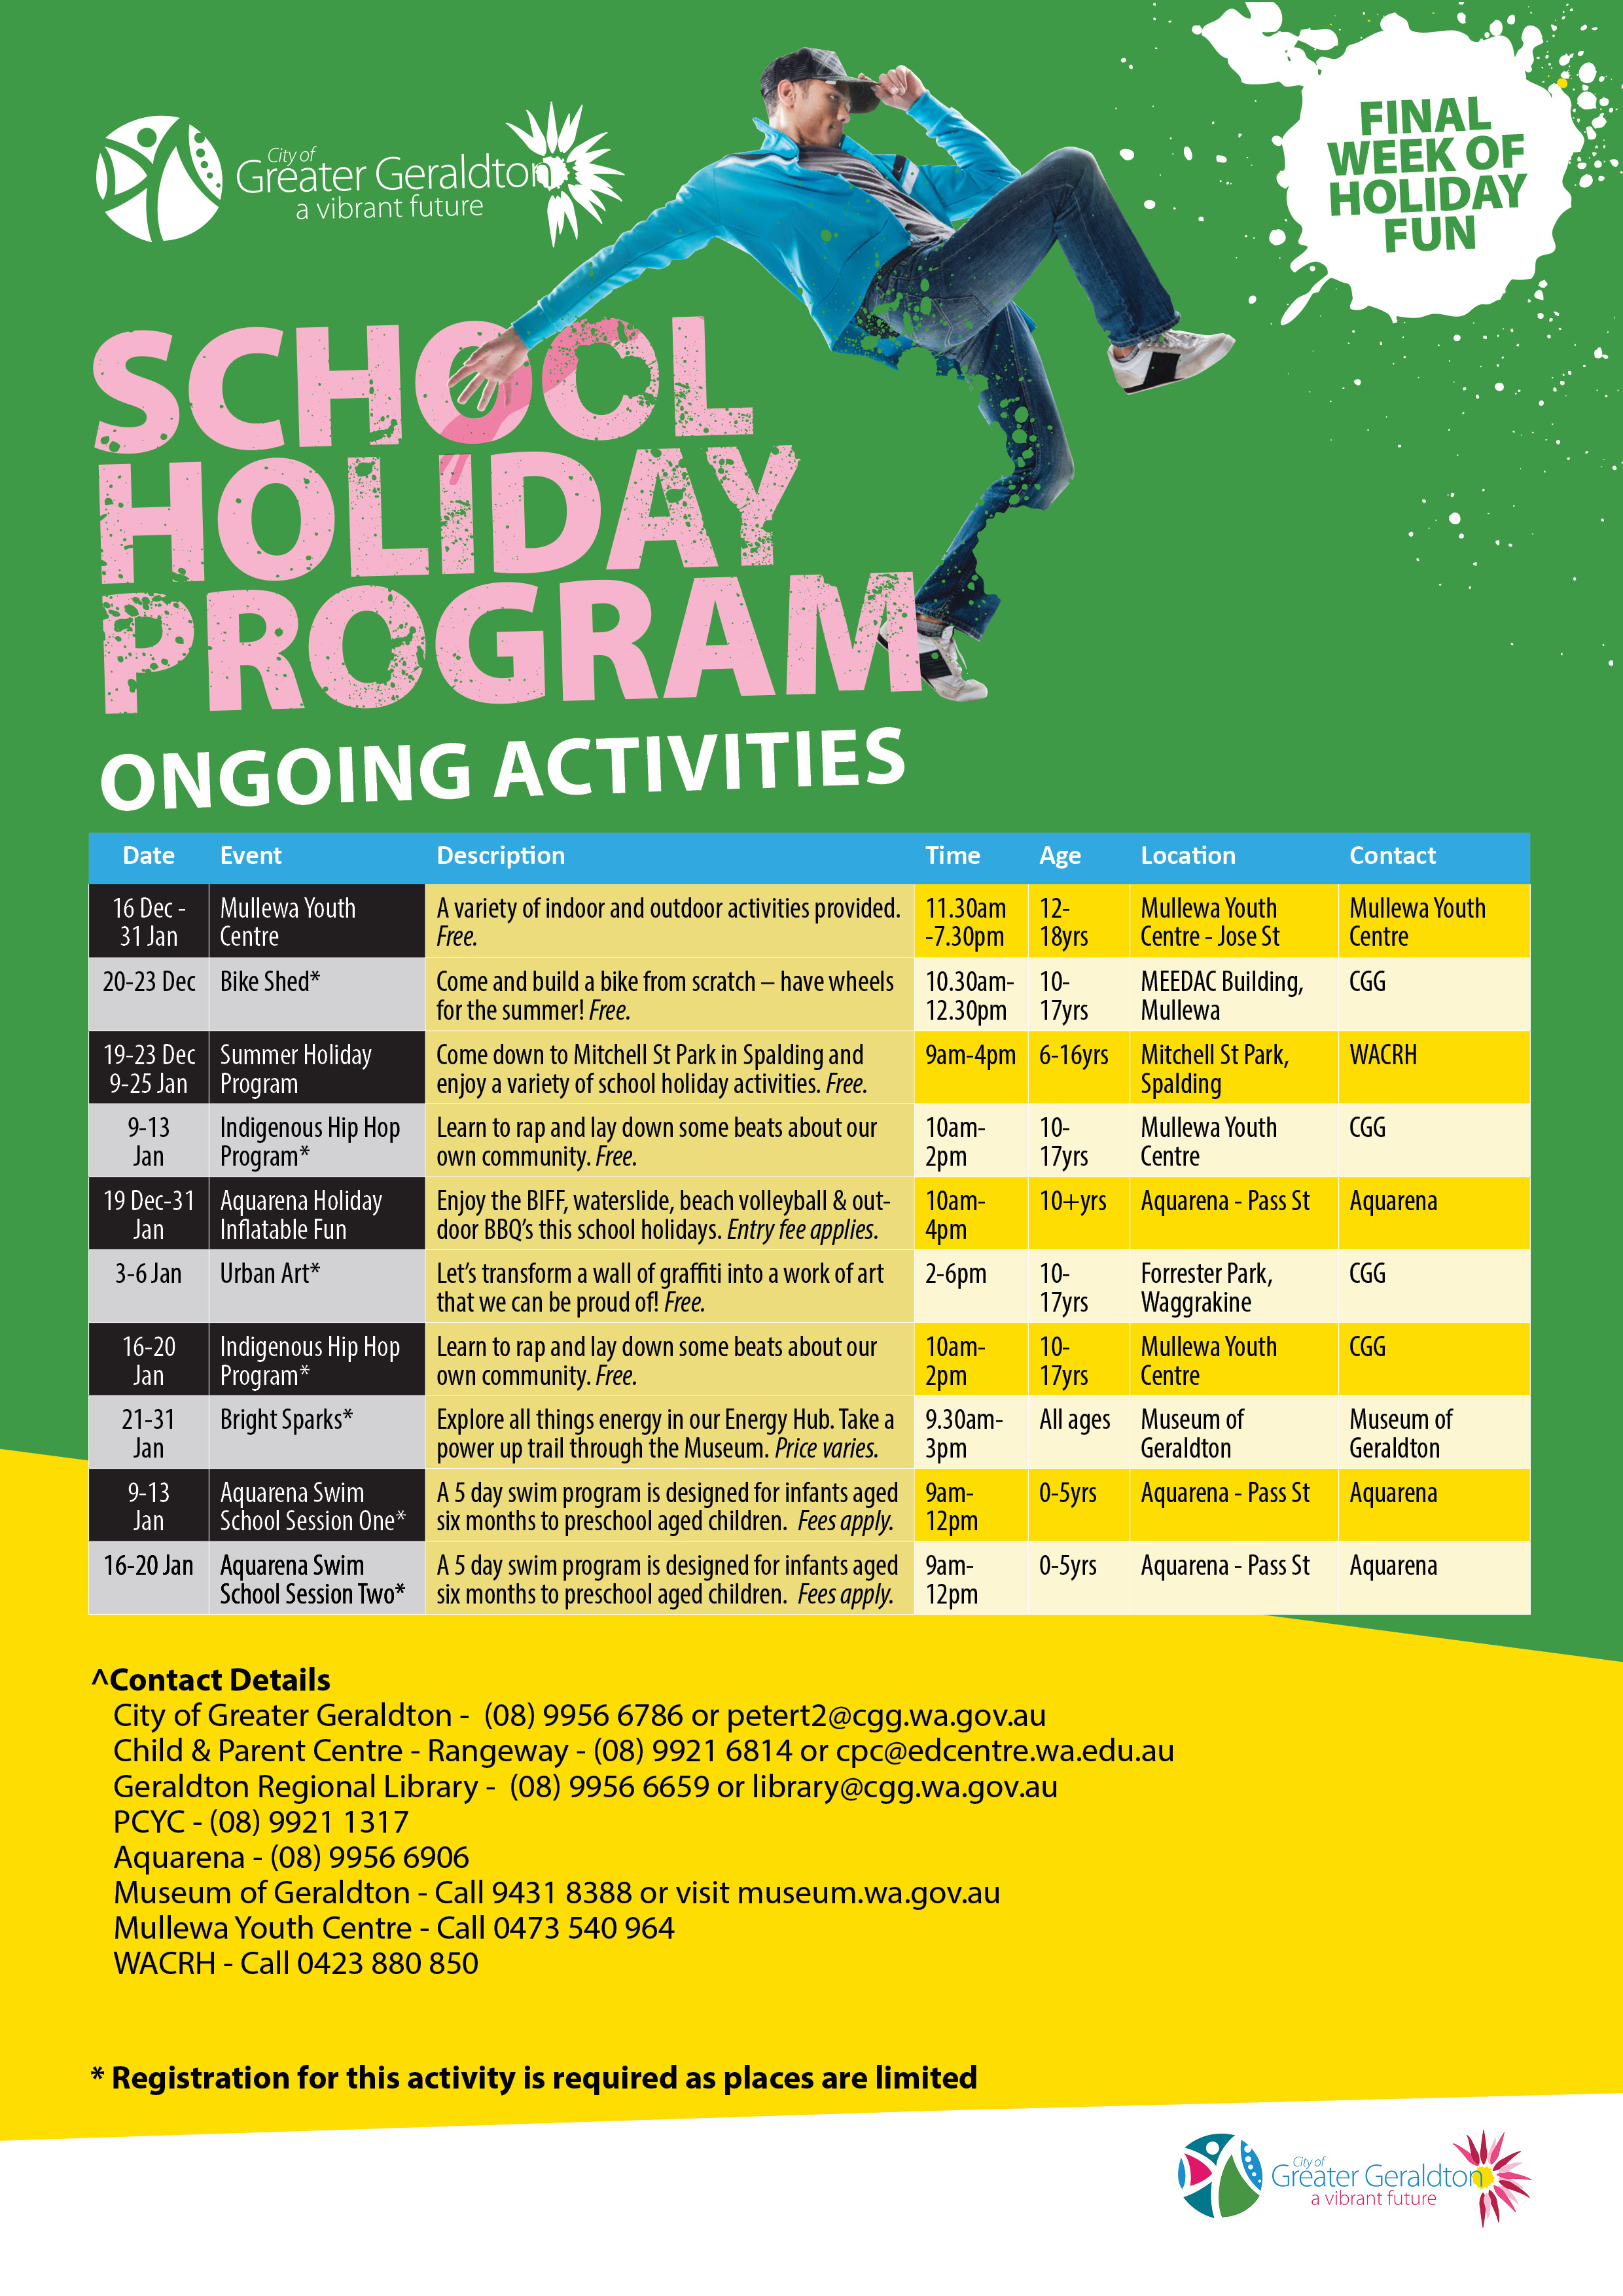 School Holiday Program 2016-17 JPG6.jpg